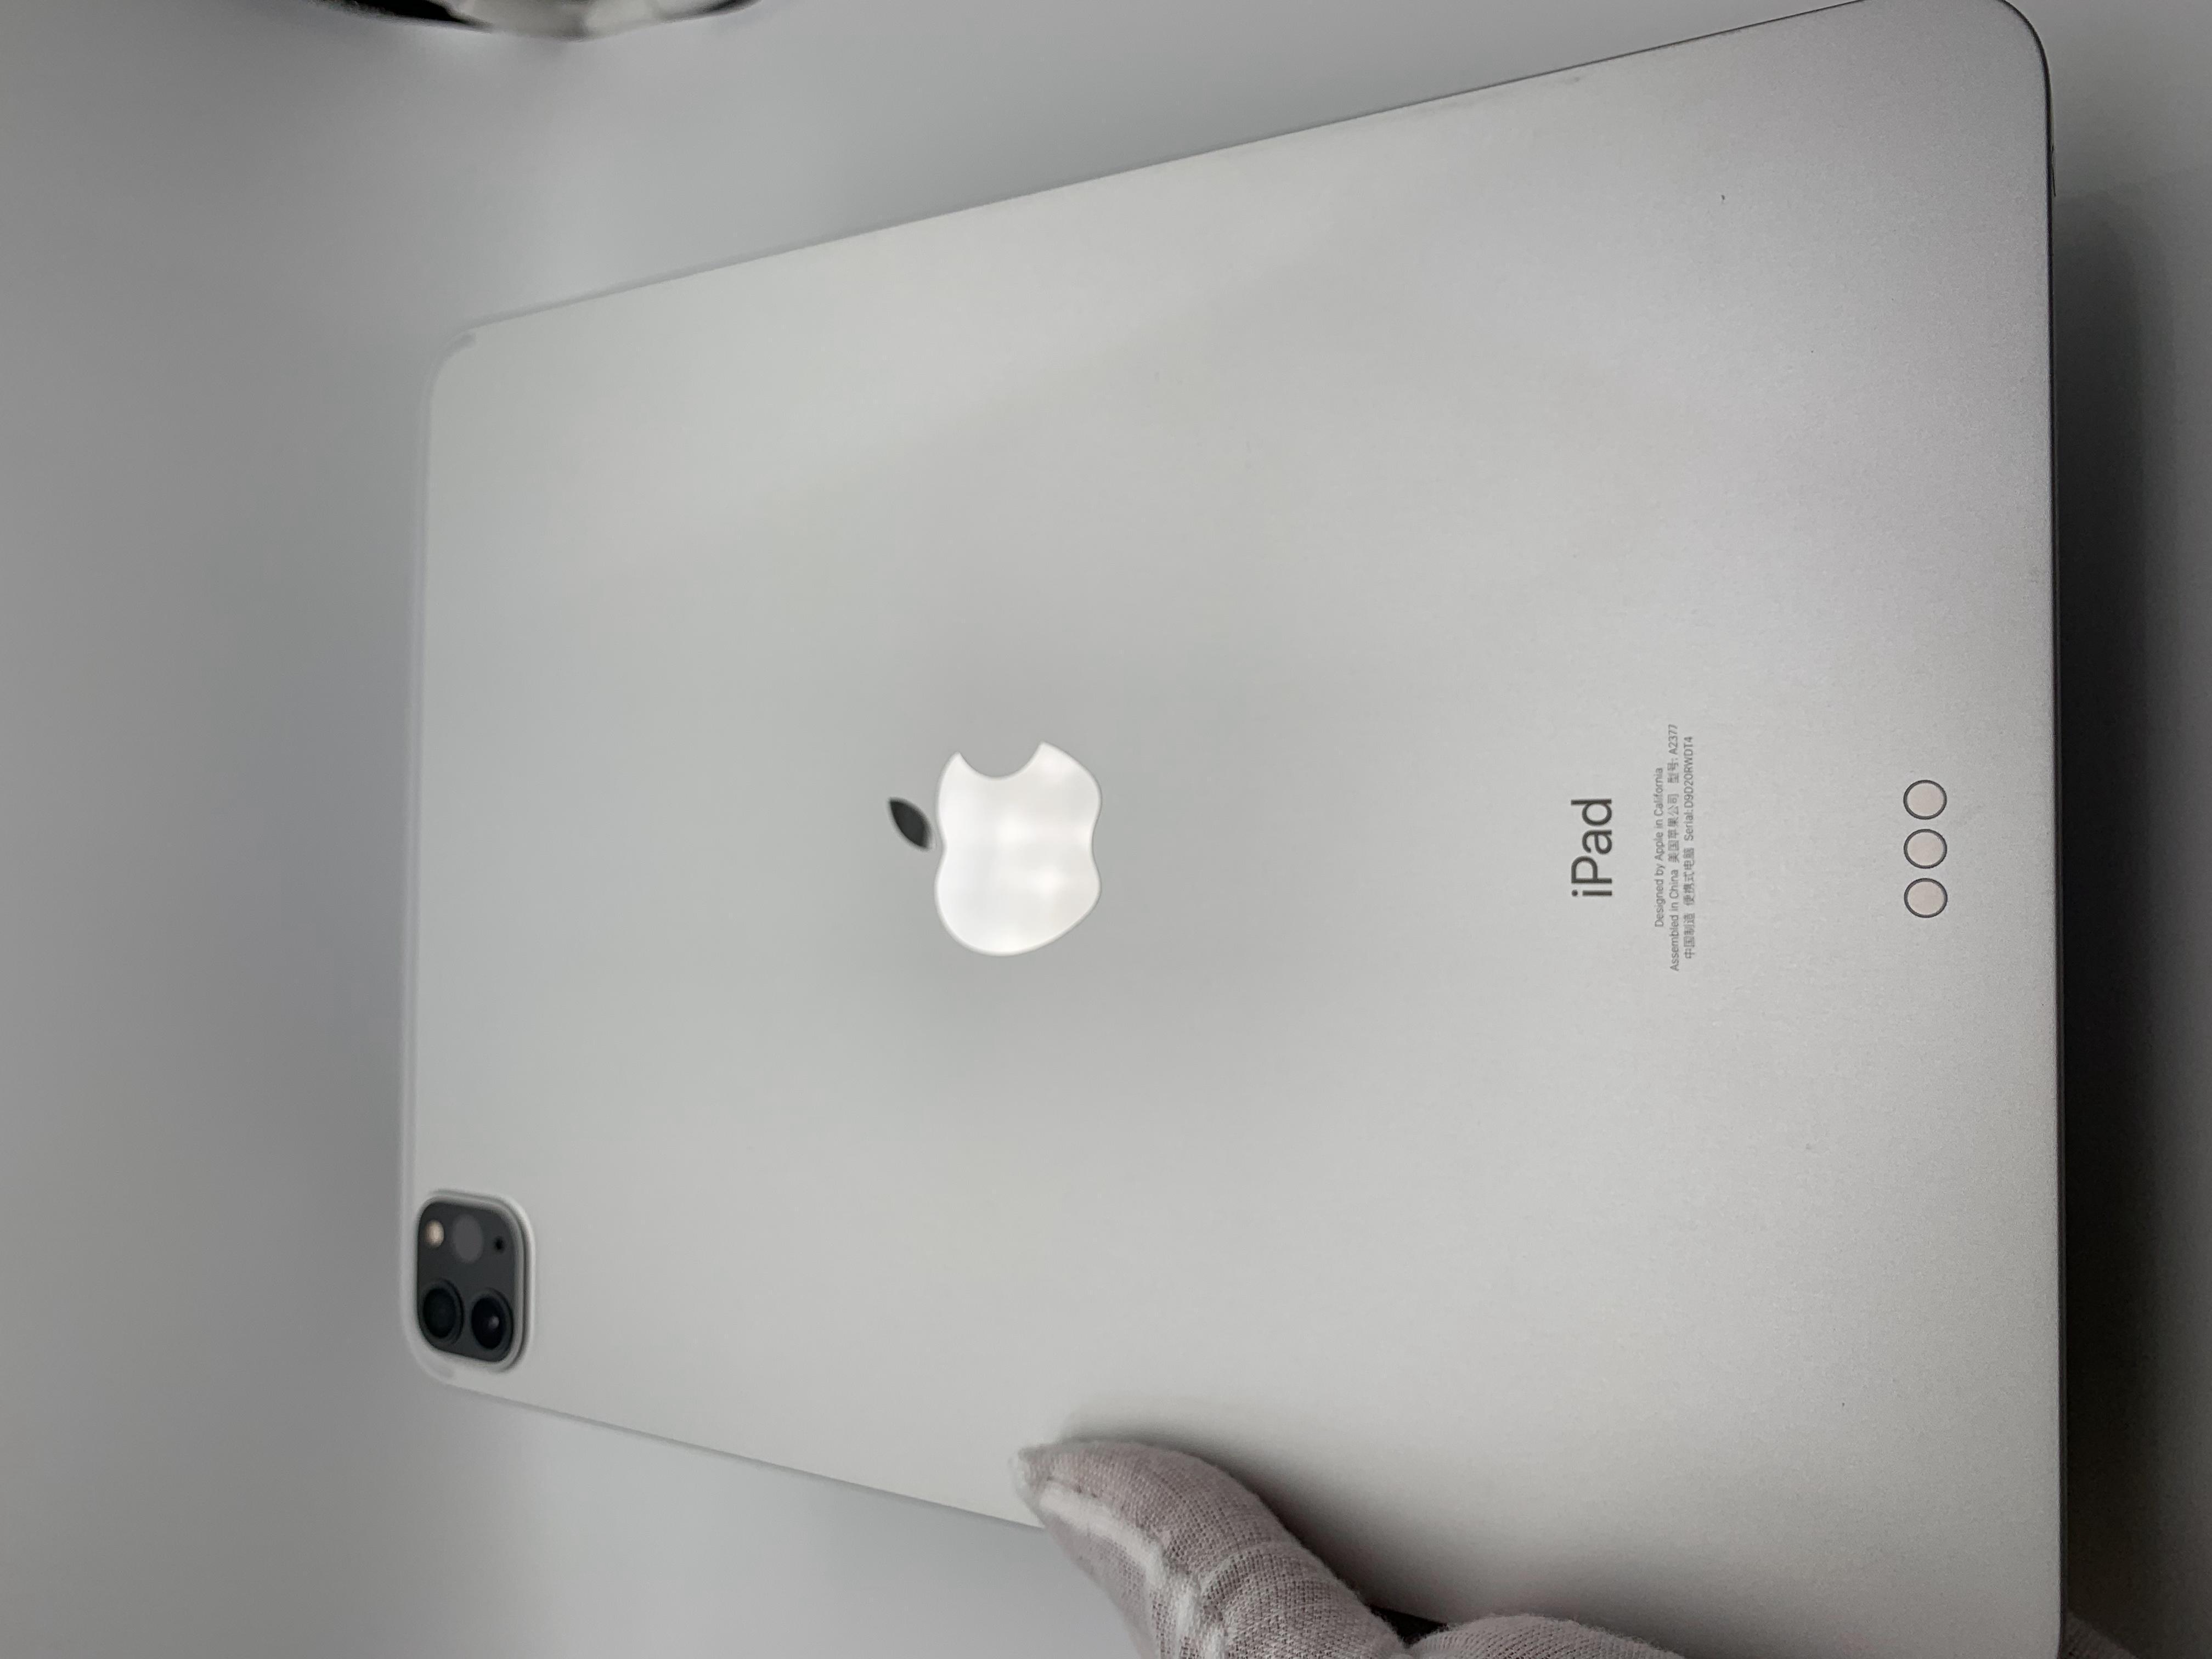 苹果【iPad Pro 11英寸 21款】WIFI版 银色 128G 国行 99新